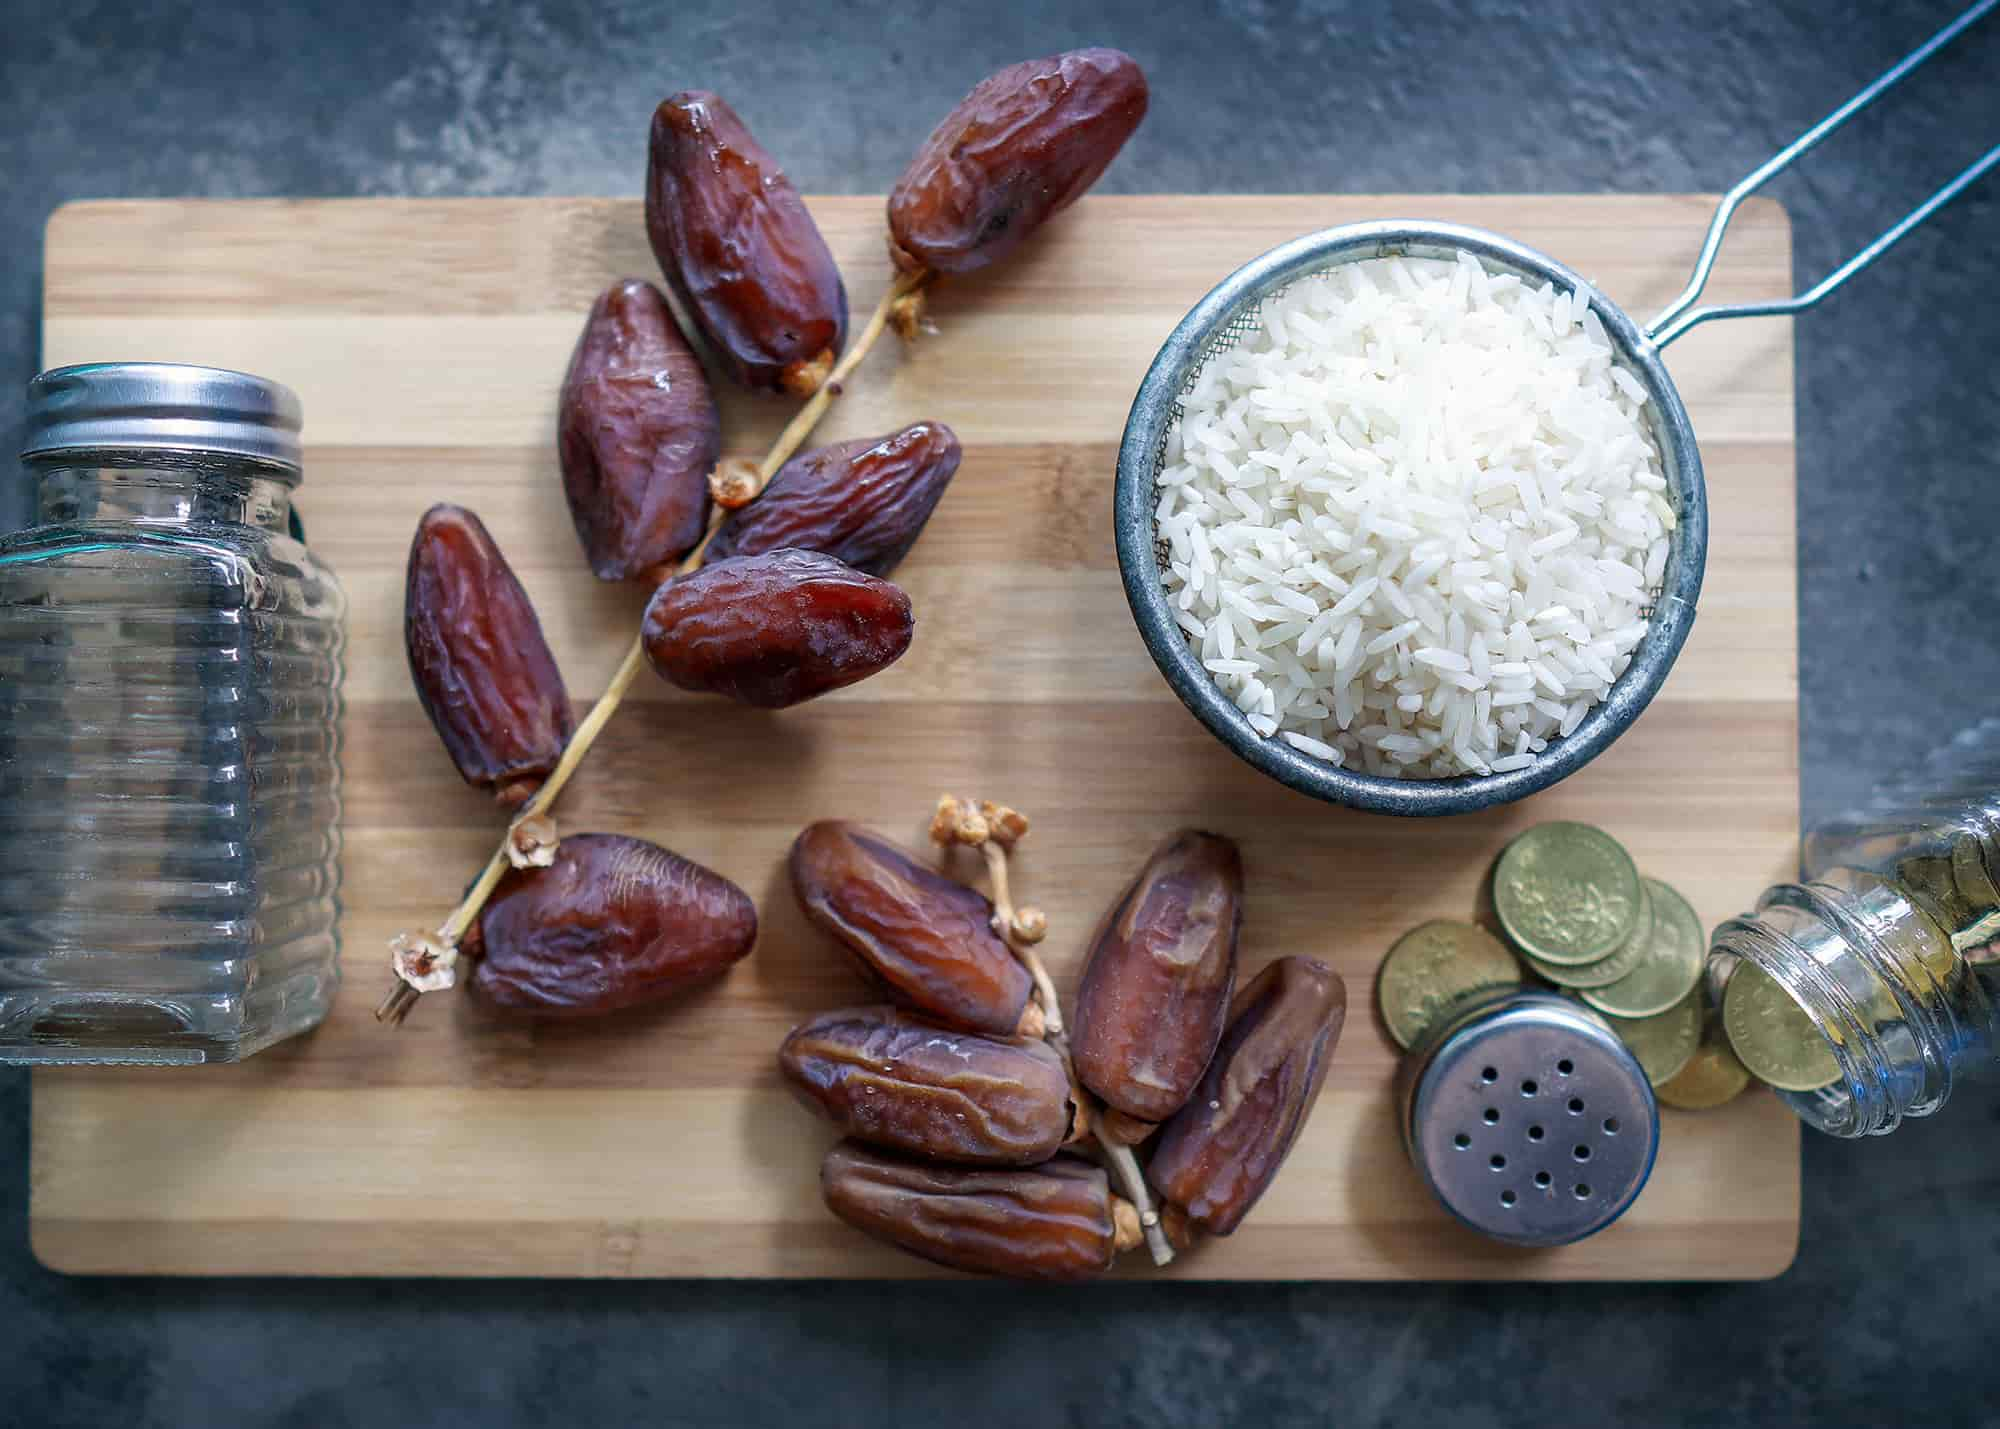 صورة تظهر مفهوم الزكاة في رمضان وتحوي الأرز والتمر وبعض العملات النقدية على رف خشبي